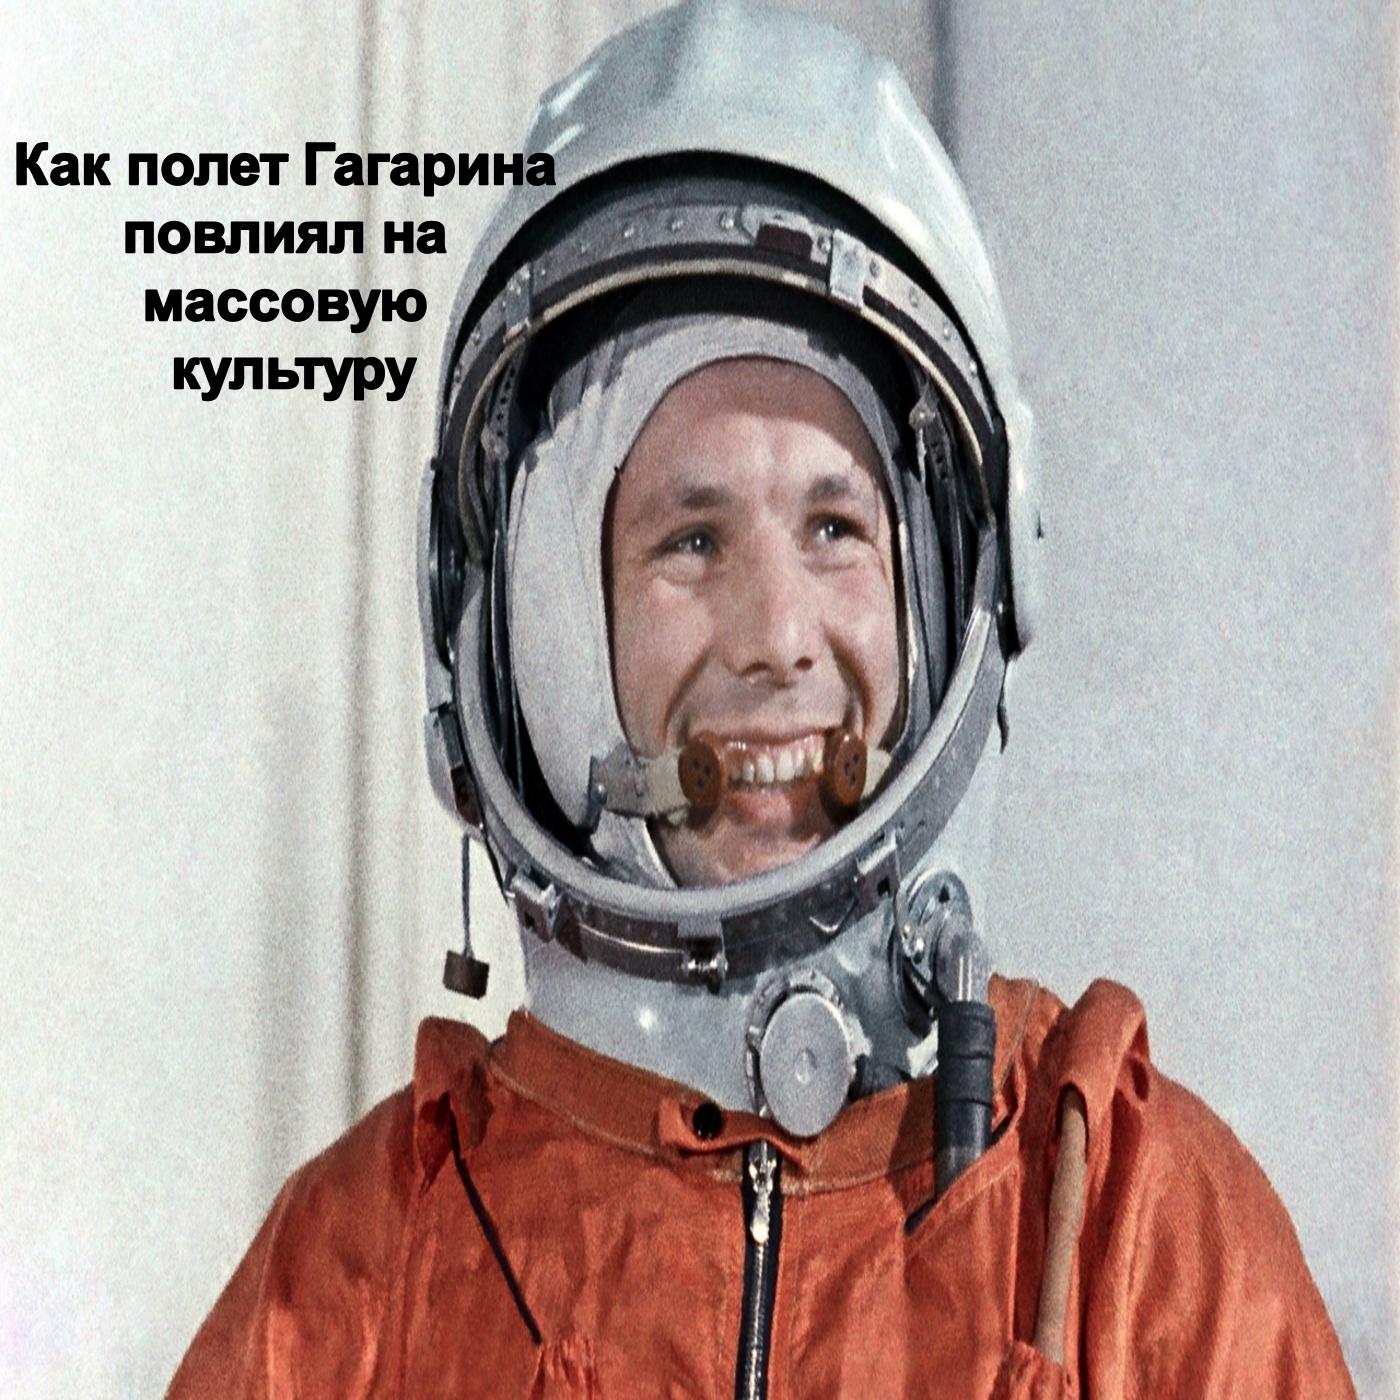 Как полет Гагарина повлиял на массовую культуру